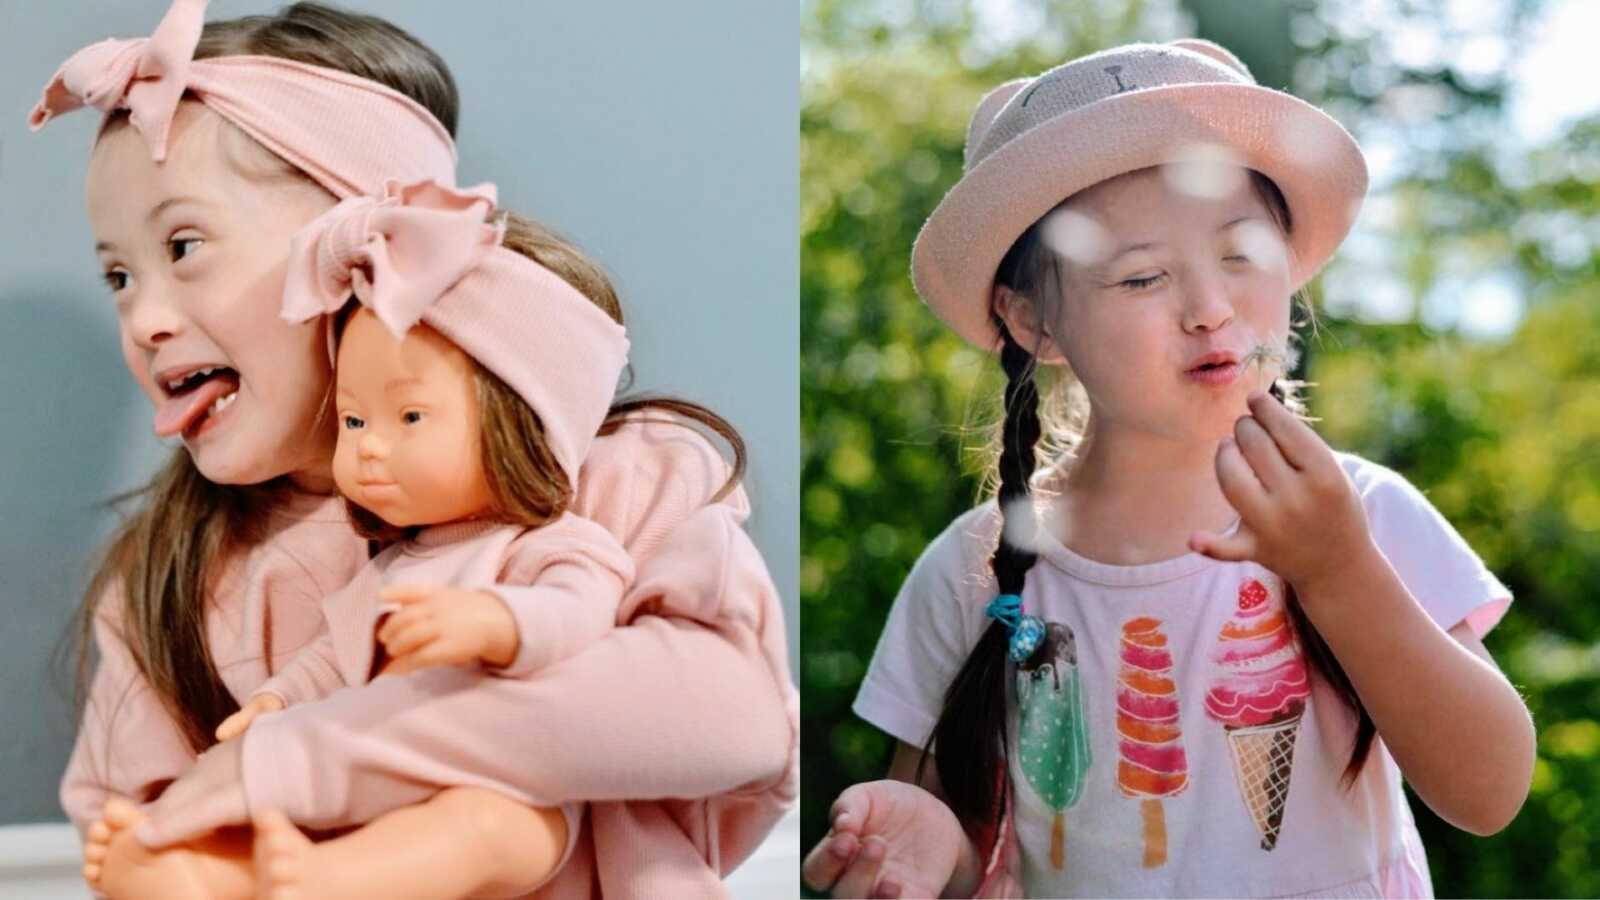 妈妈给患有唐氏综合症的女儿拍了一些照片,其中一张是她拿着一个很像她的娃娃,还有一张是她在蒲公英上许愿